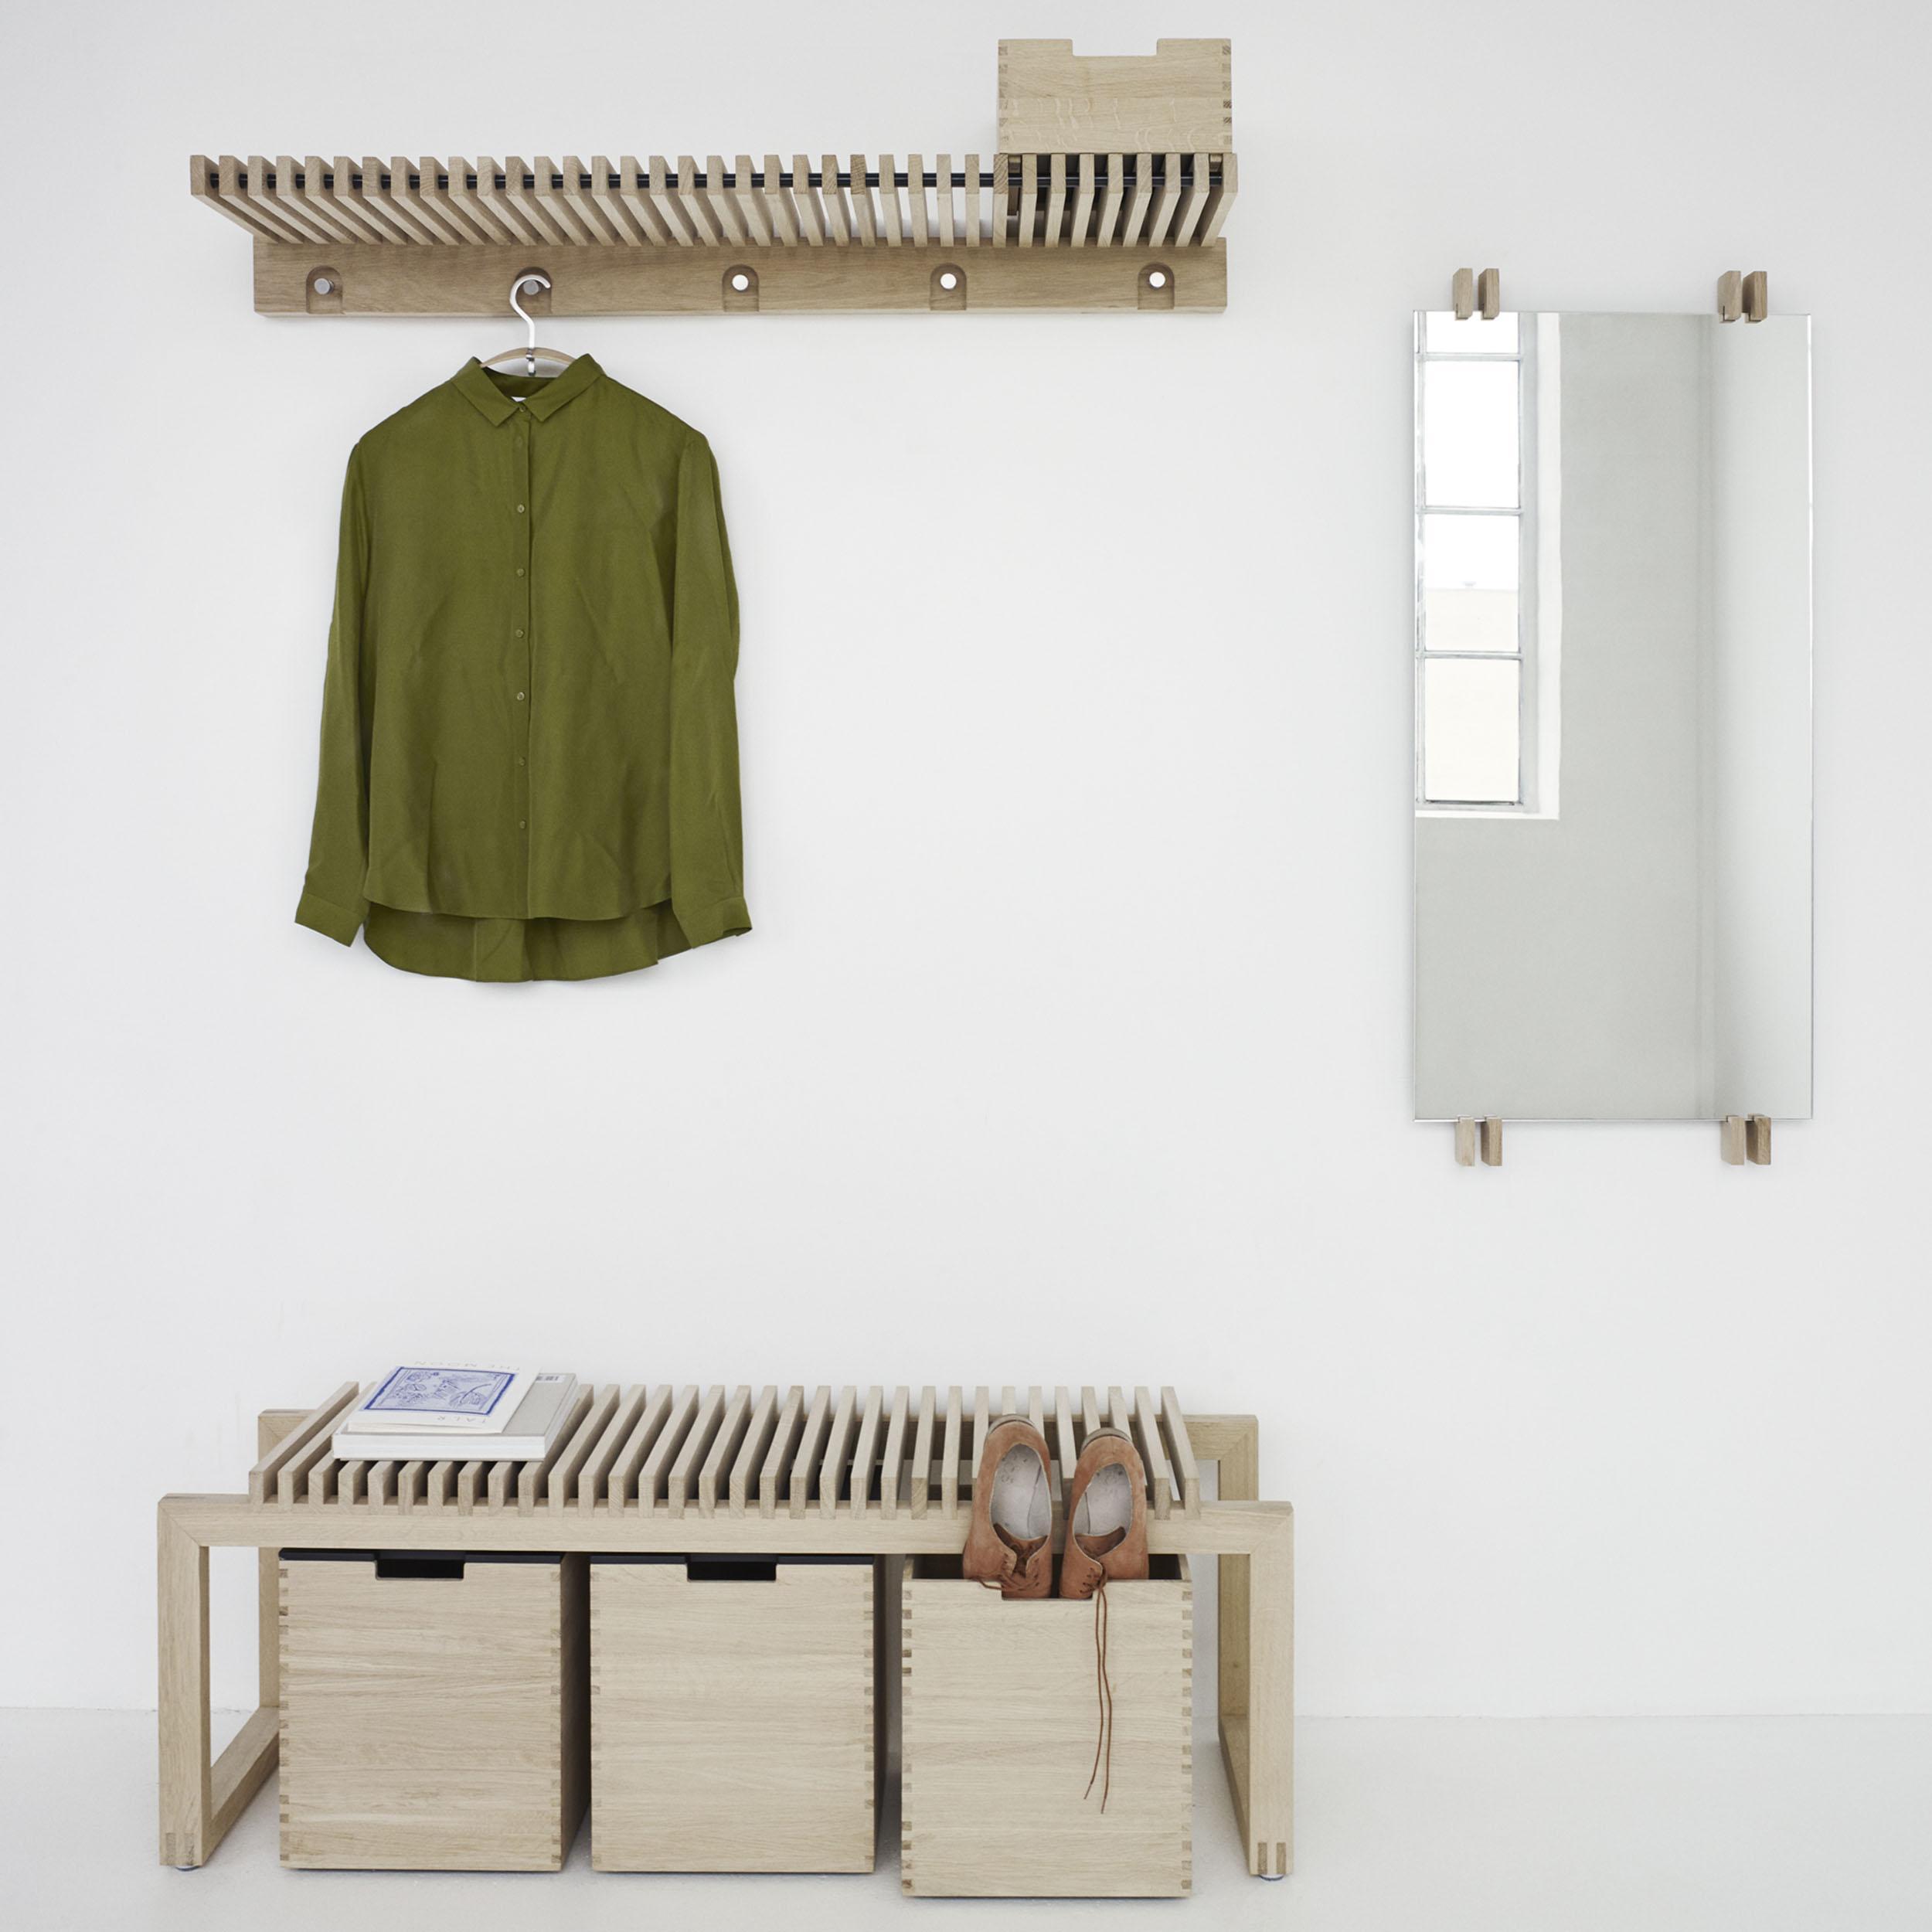 Kleiderablage bilder ideen couchstyle - Kleiderablage ideen ...